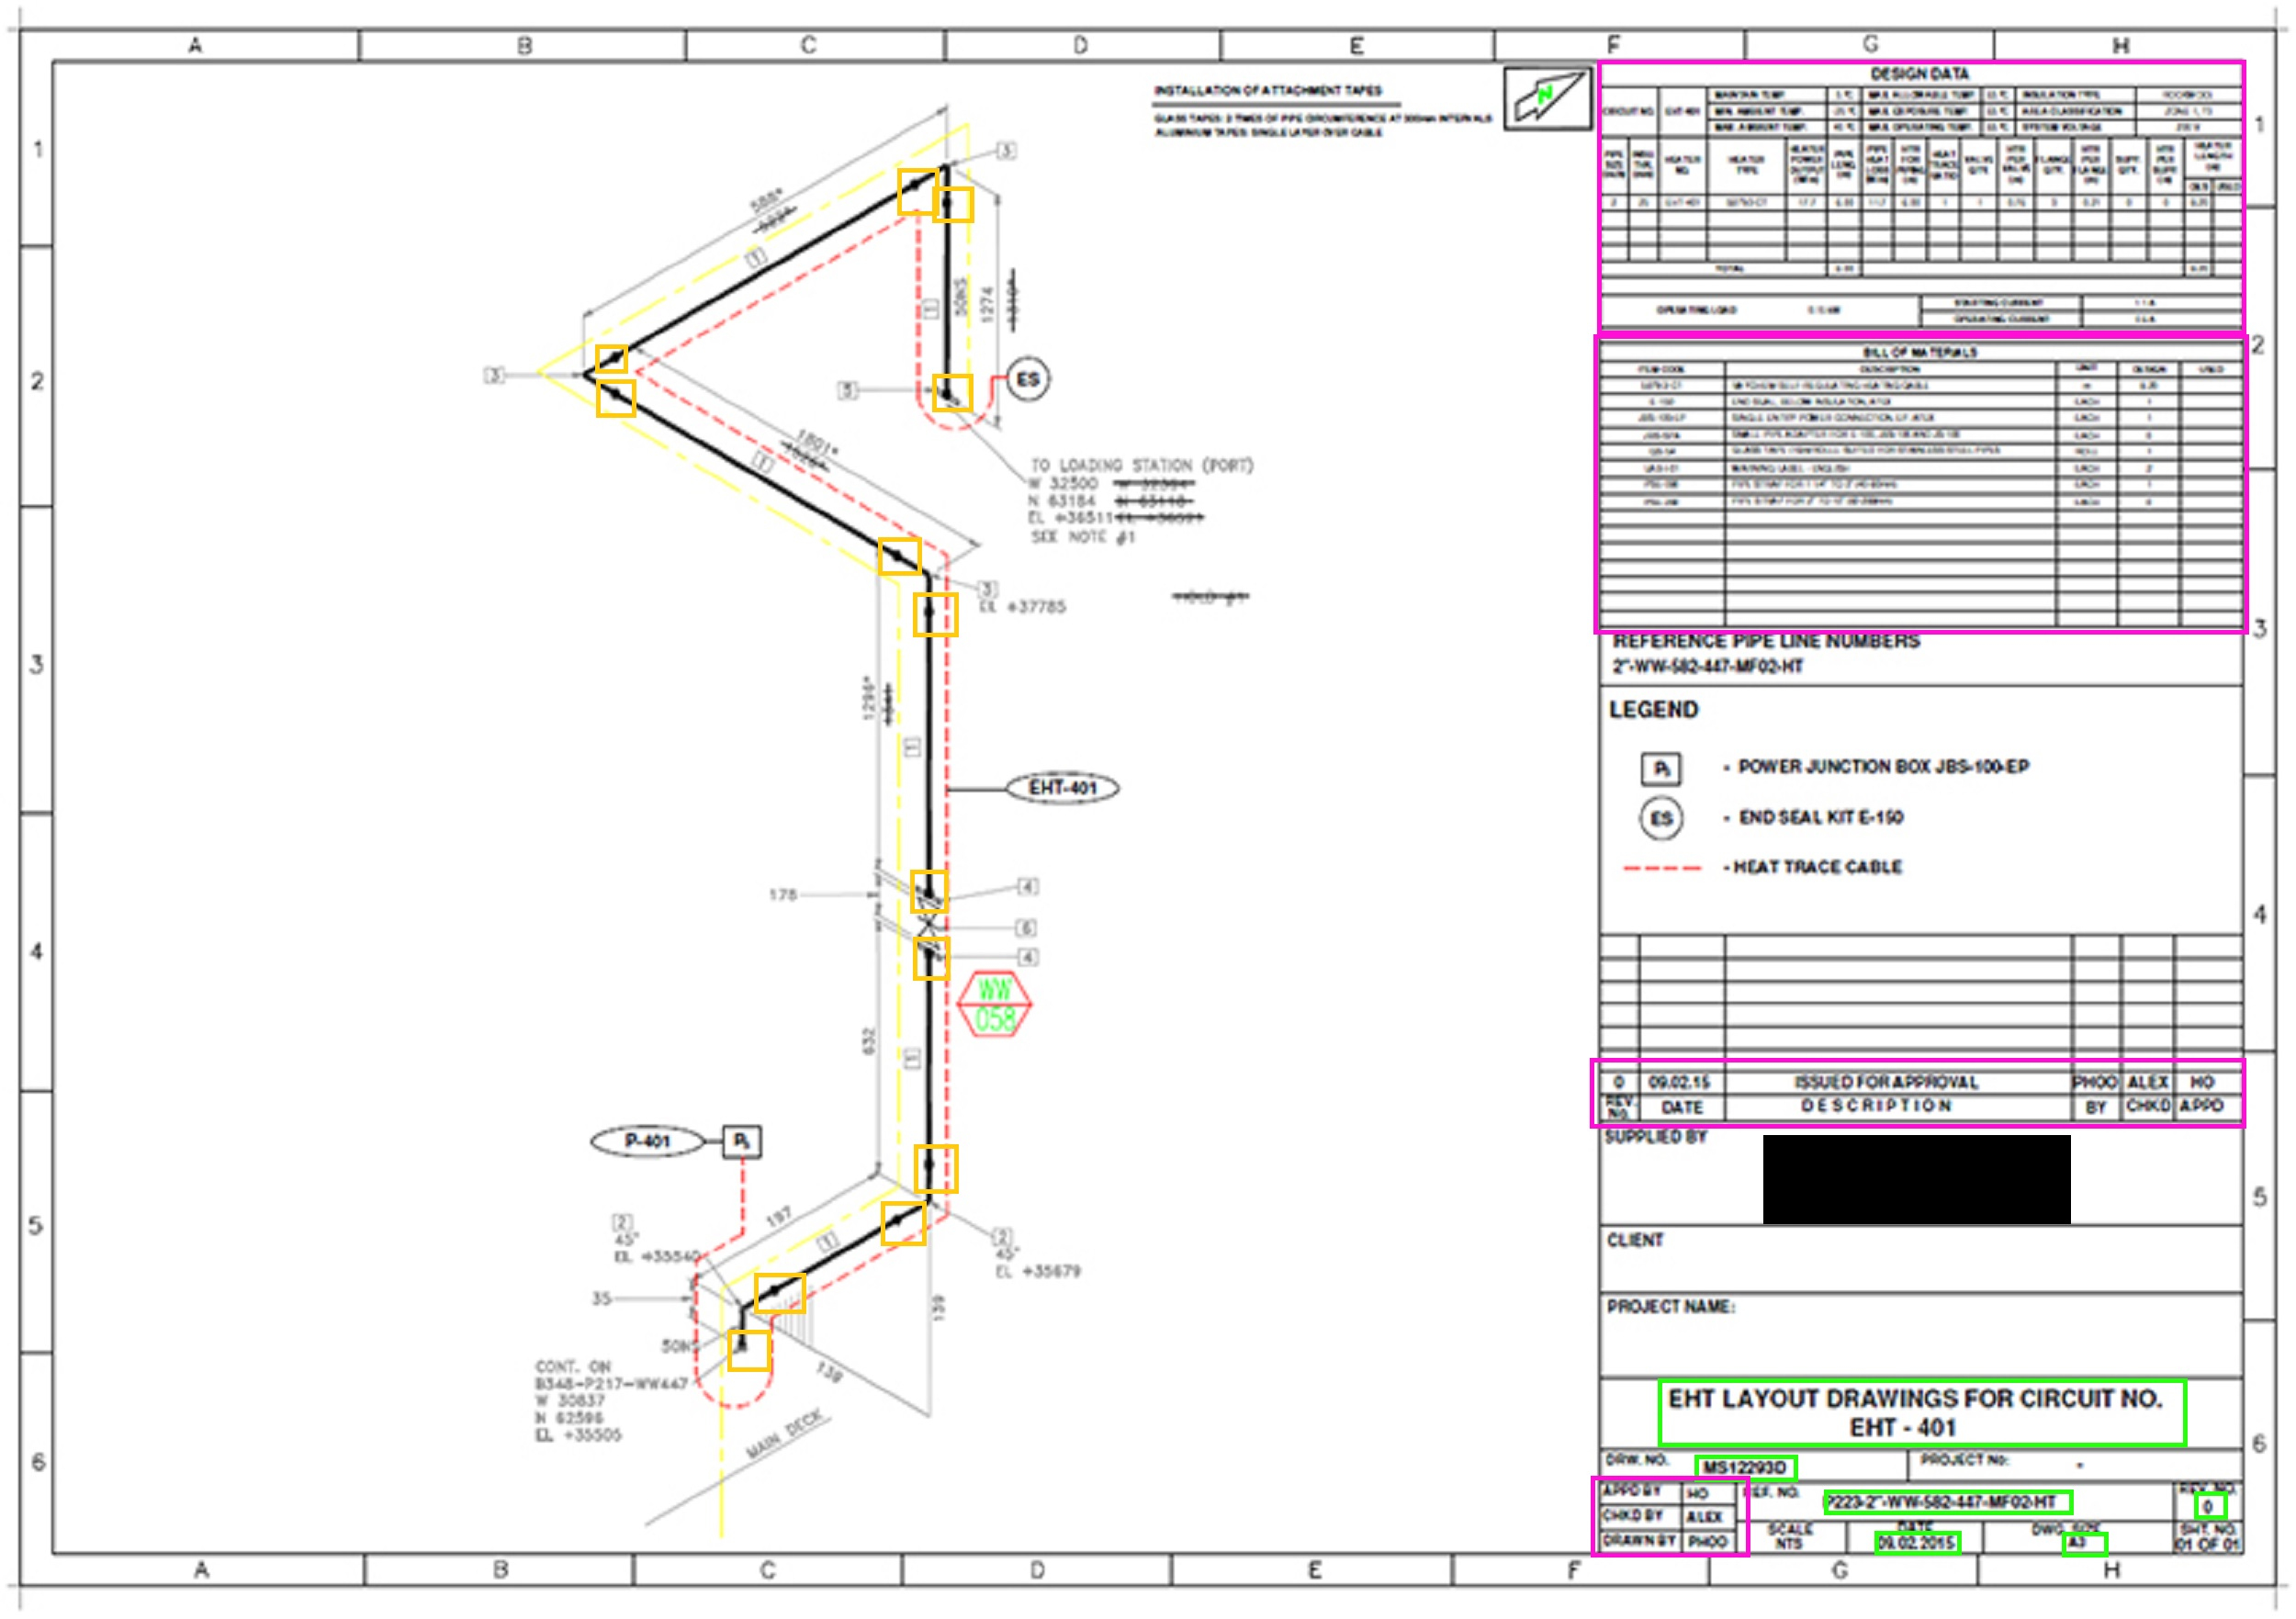 Quantiphi-Oil-Gas-Documents-5